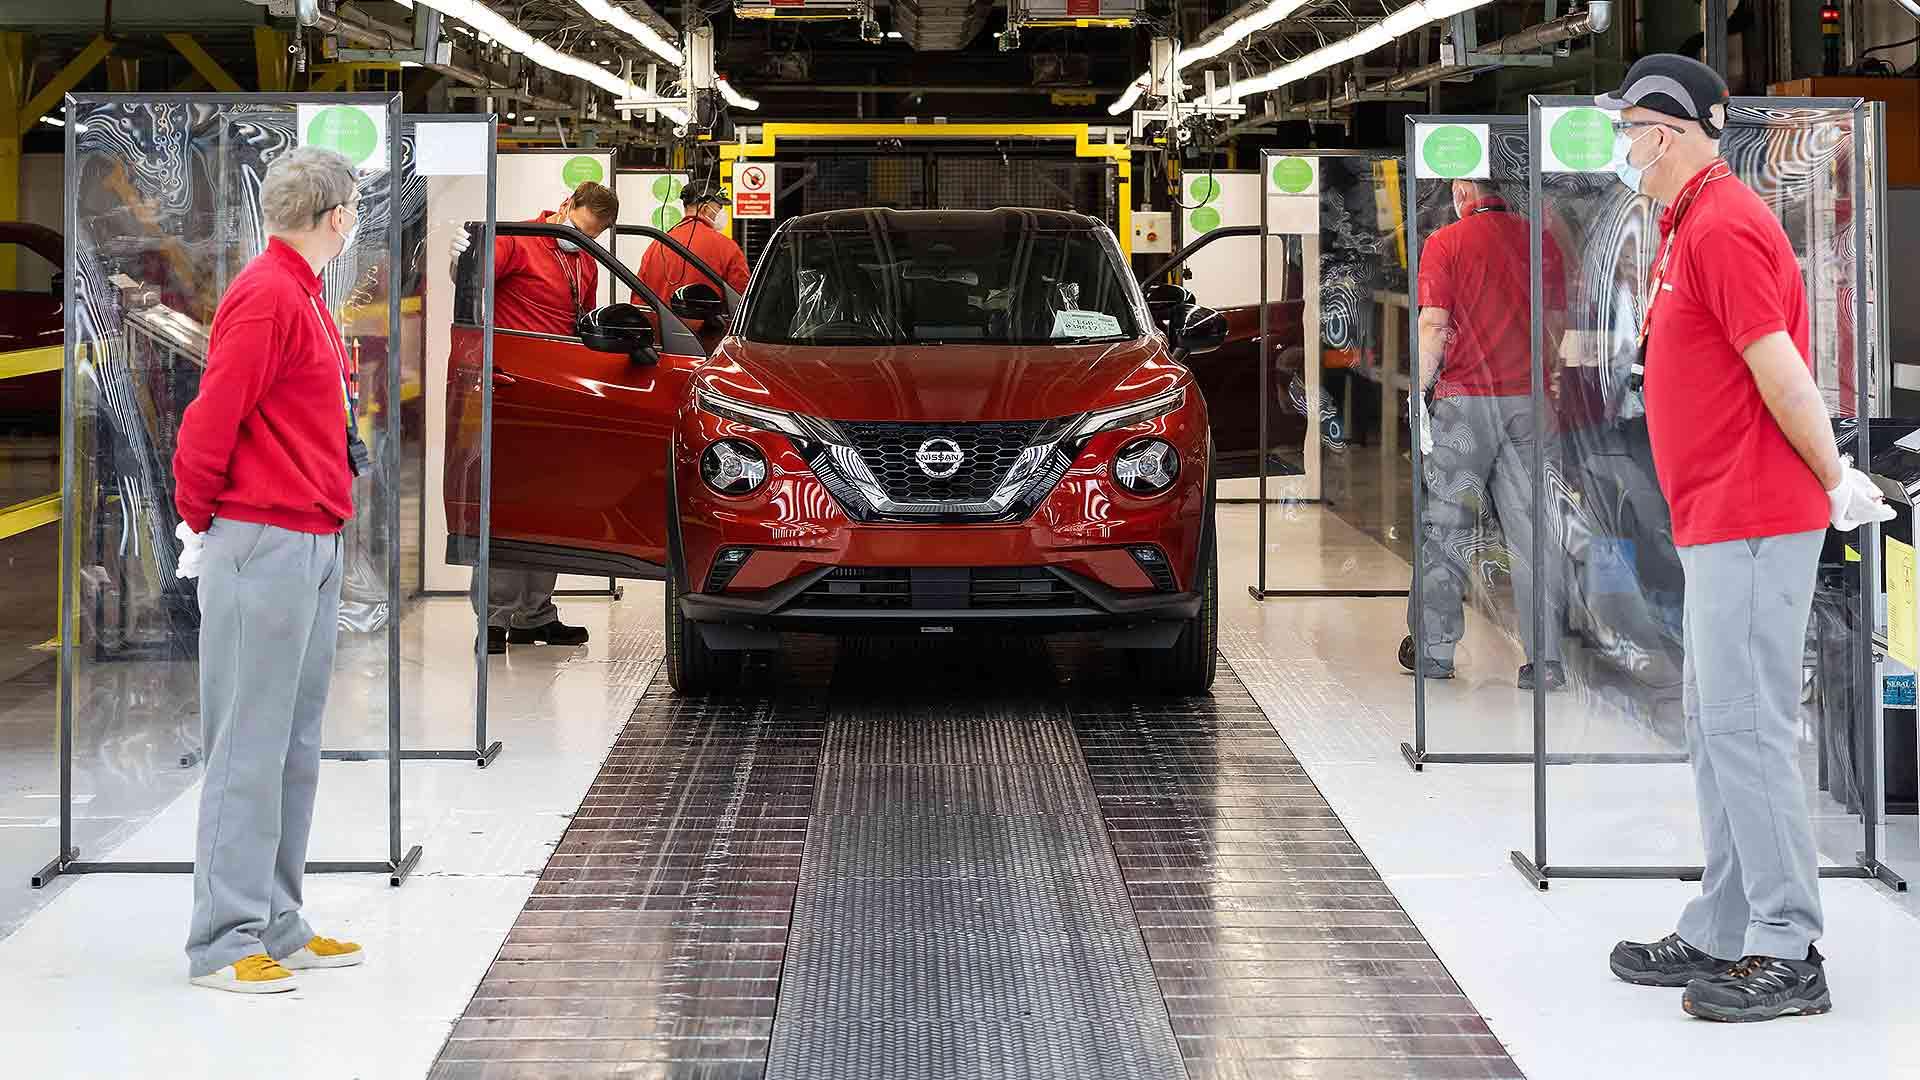 Car production restarts at Nissan Sunderland